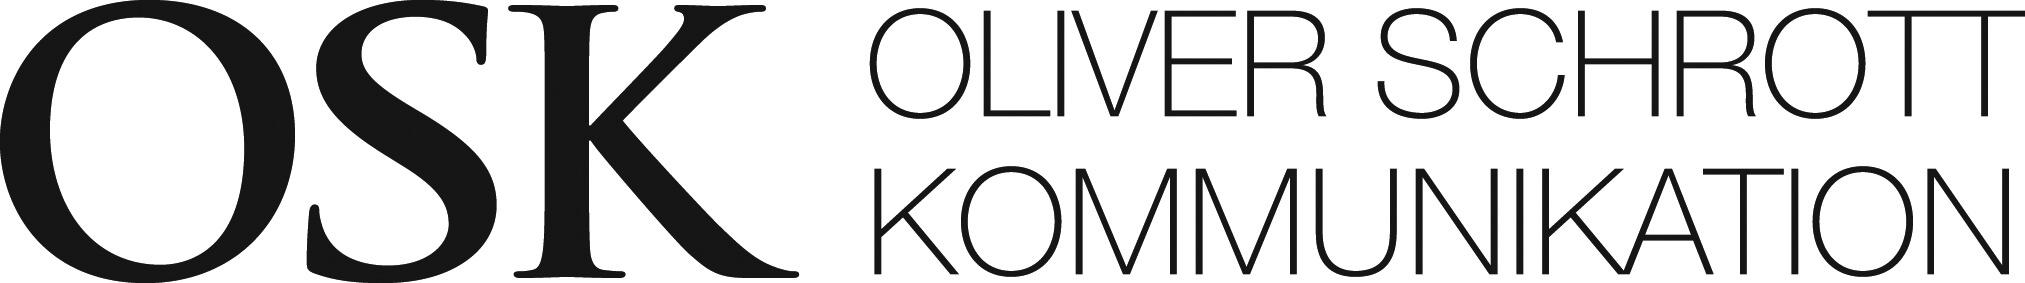 OSK Oliver Schrott Kommunication GmbH